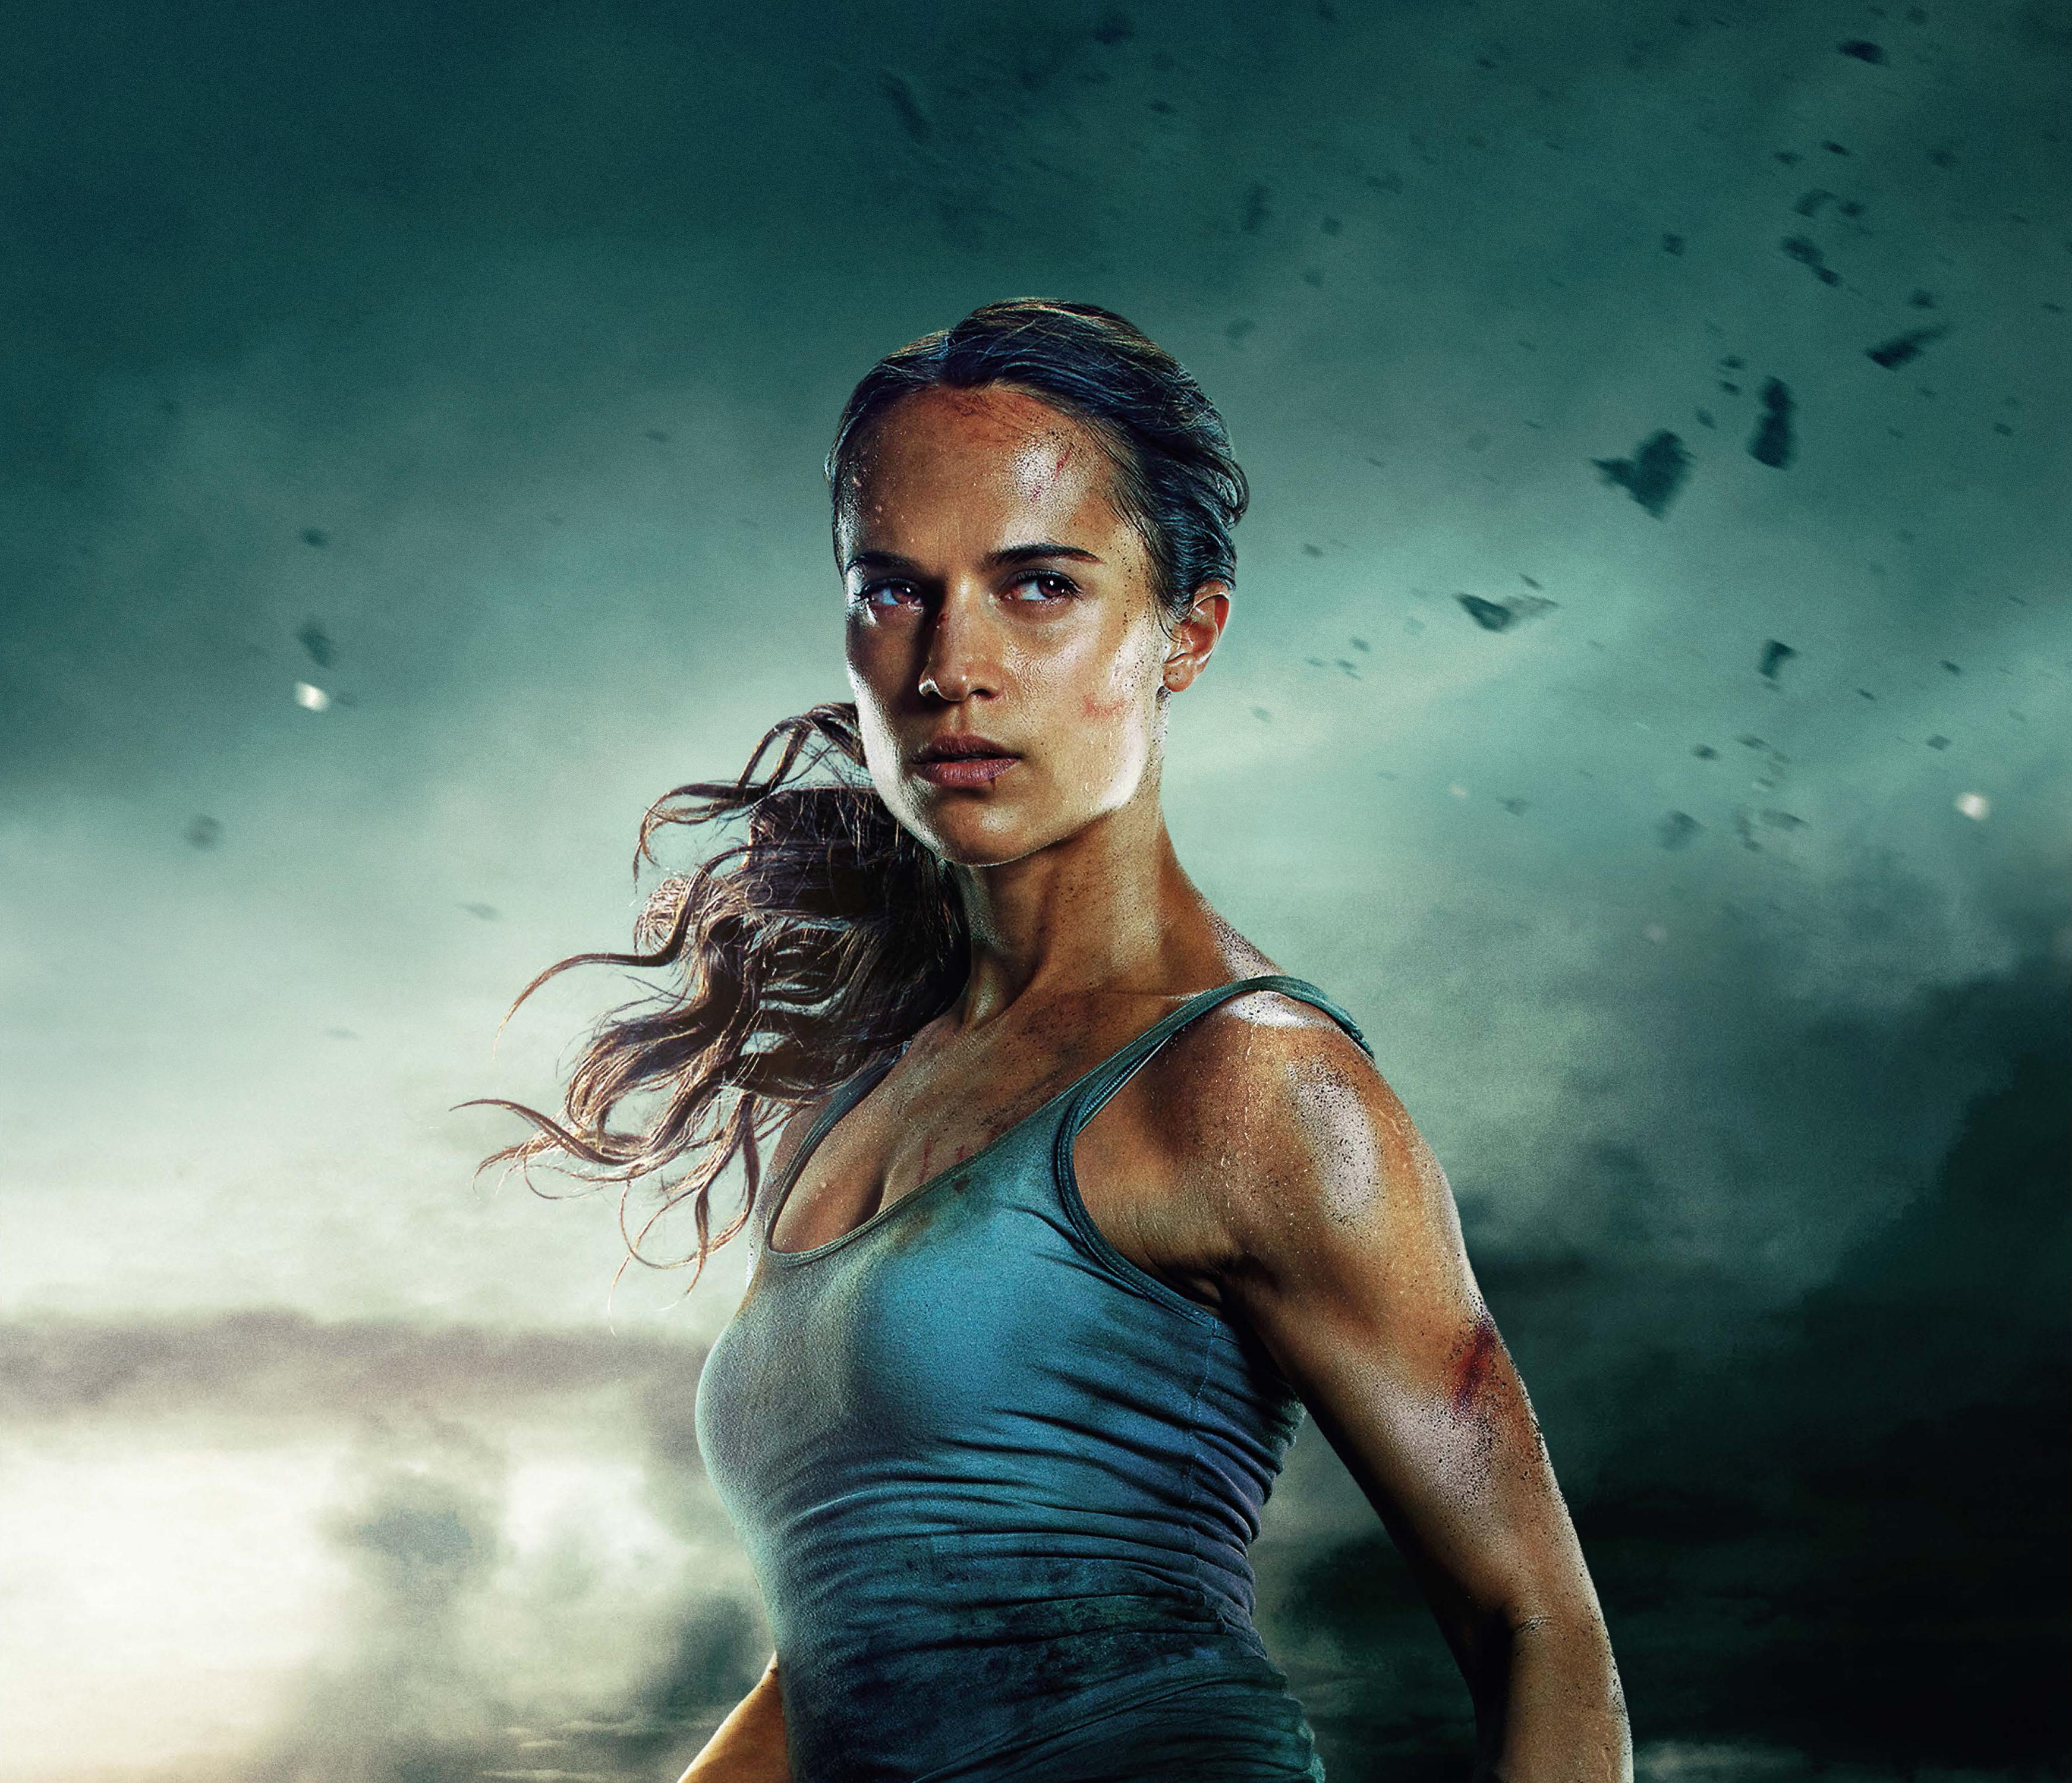 Tomb Rider Wallpaper: Tomb Raider 2018 Alicia Vikander 4k, HD Movies, 4k